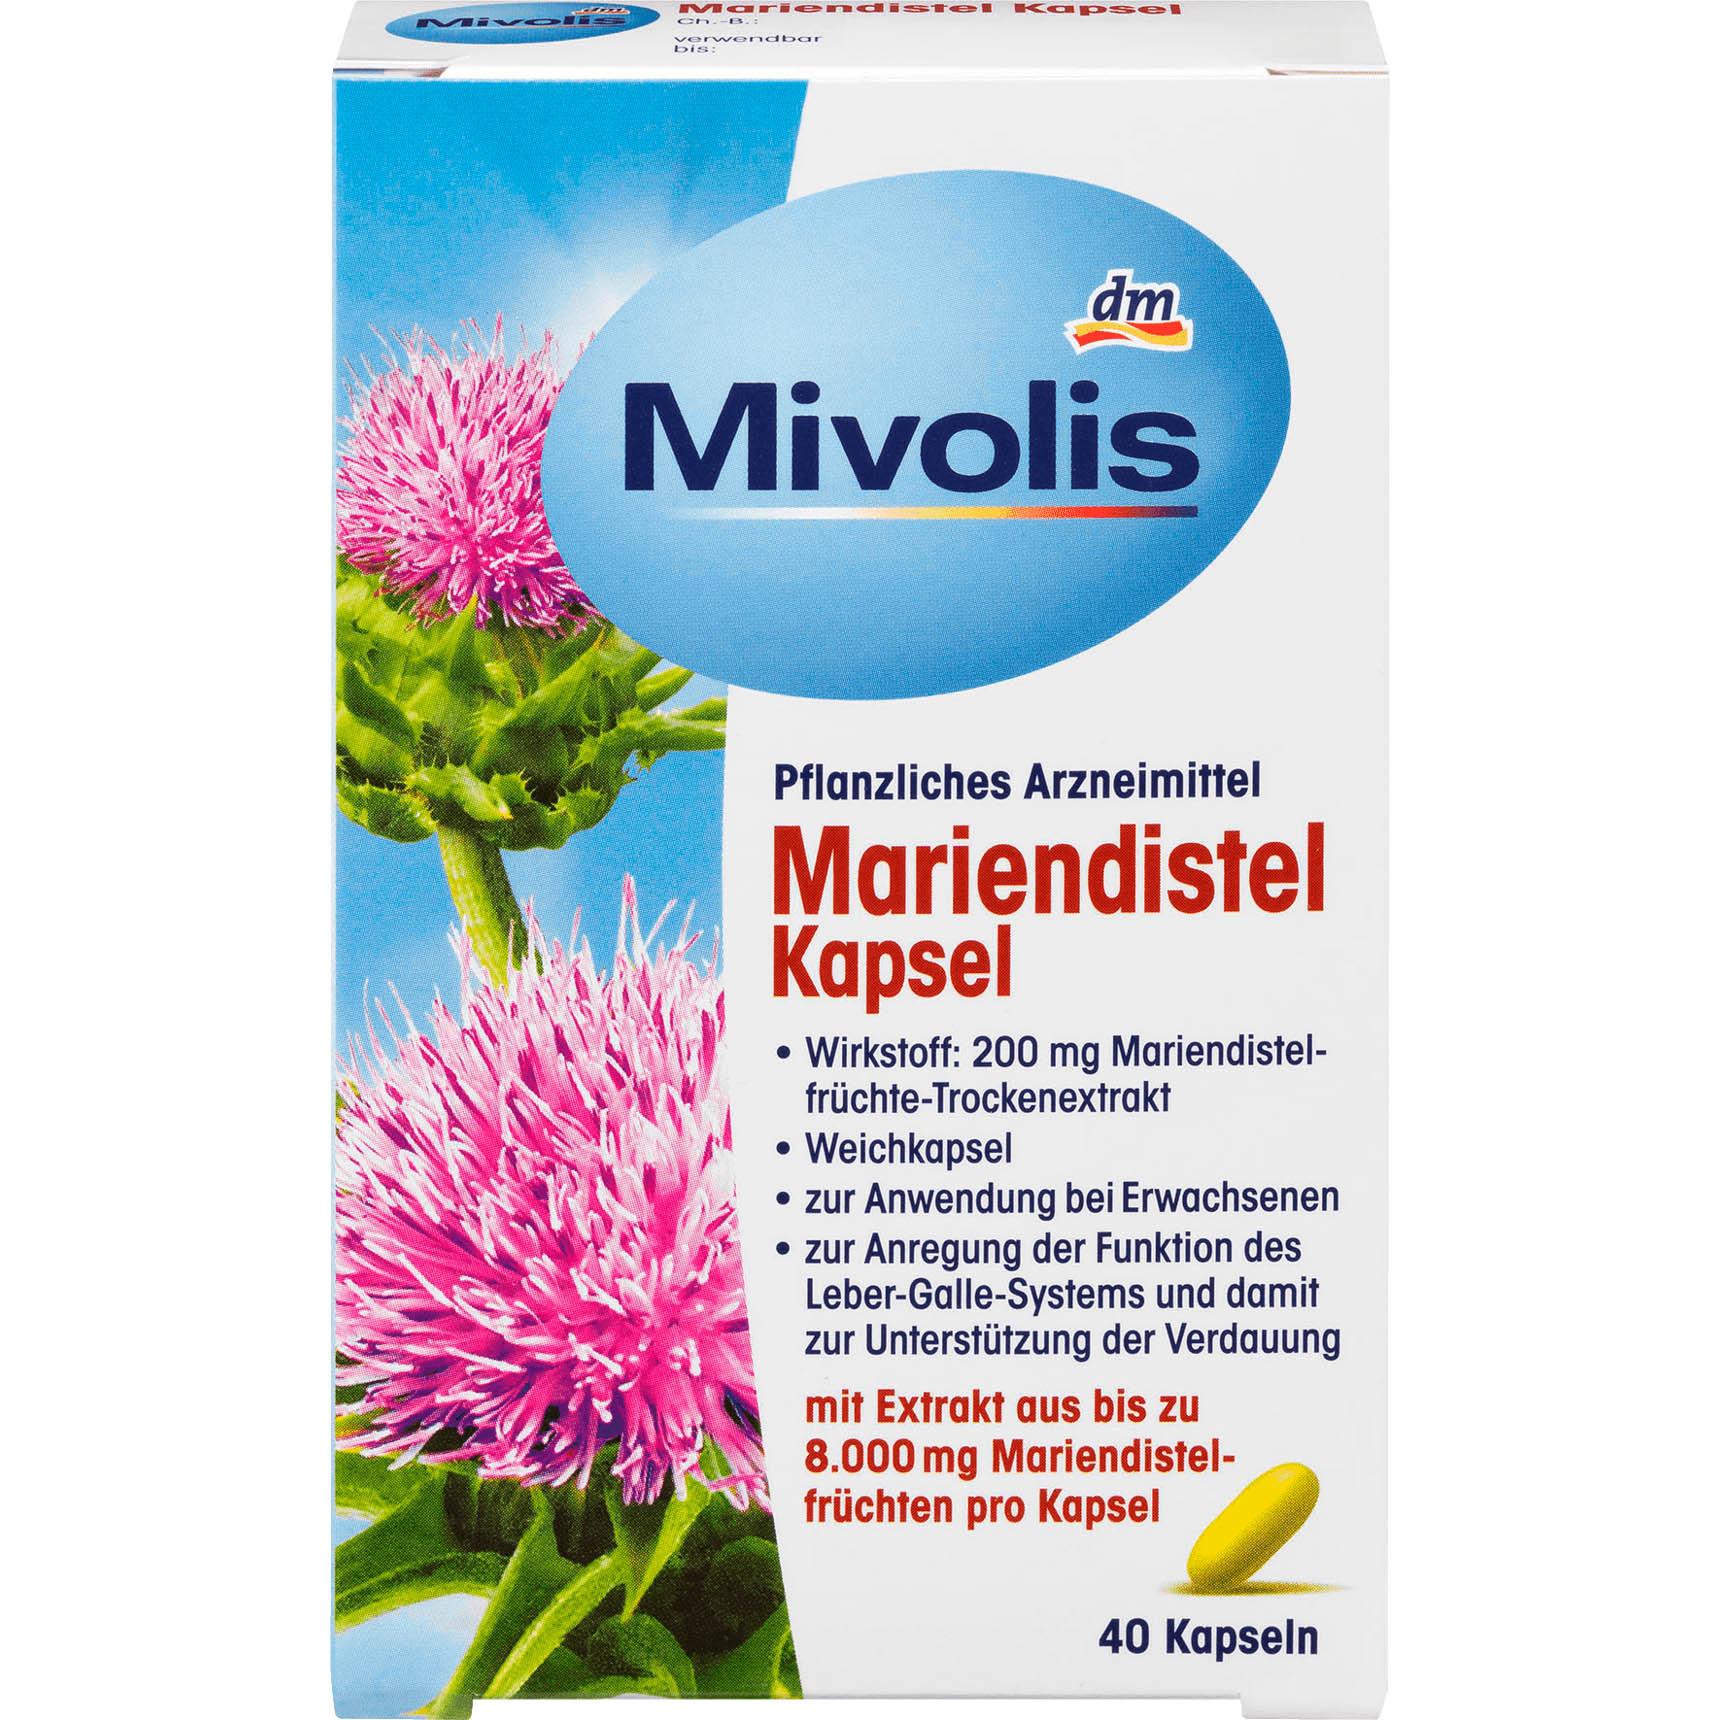 德國 Mivolis 乳薊護肝膠囊 (40粒) *